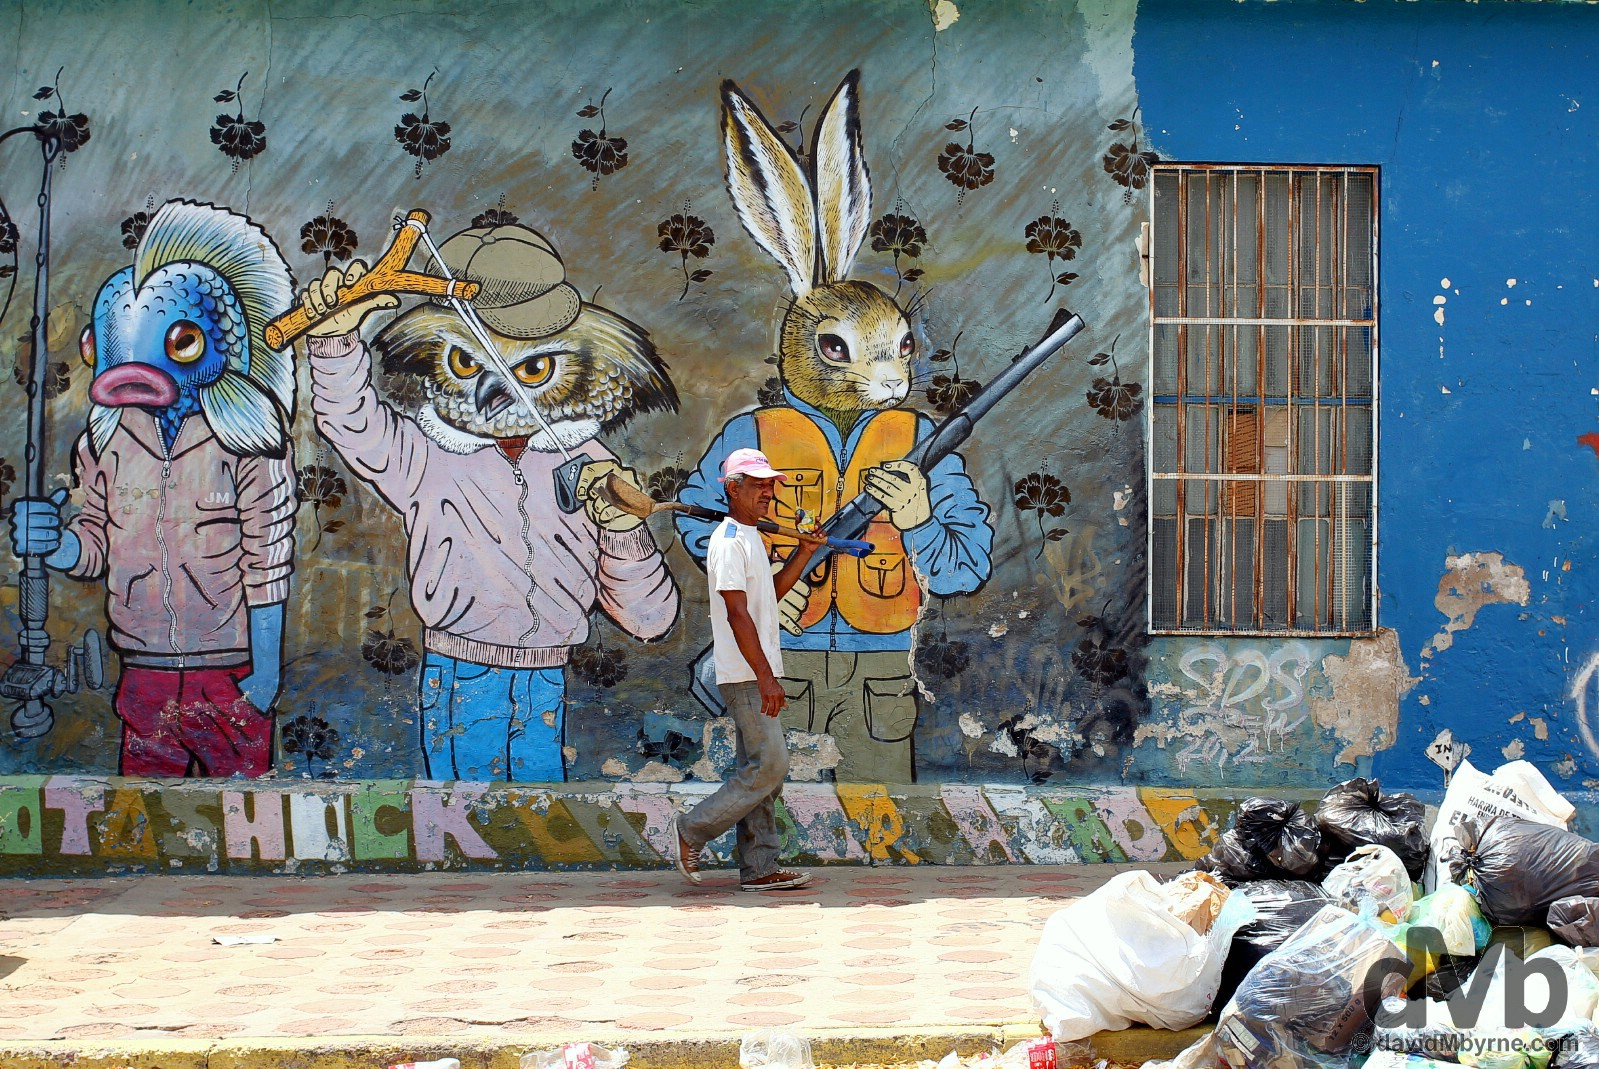 Santa Lucia, Maracaibo, Venezuela. June 22, 2015.